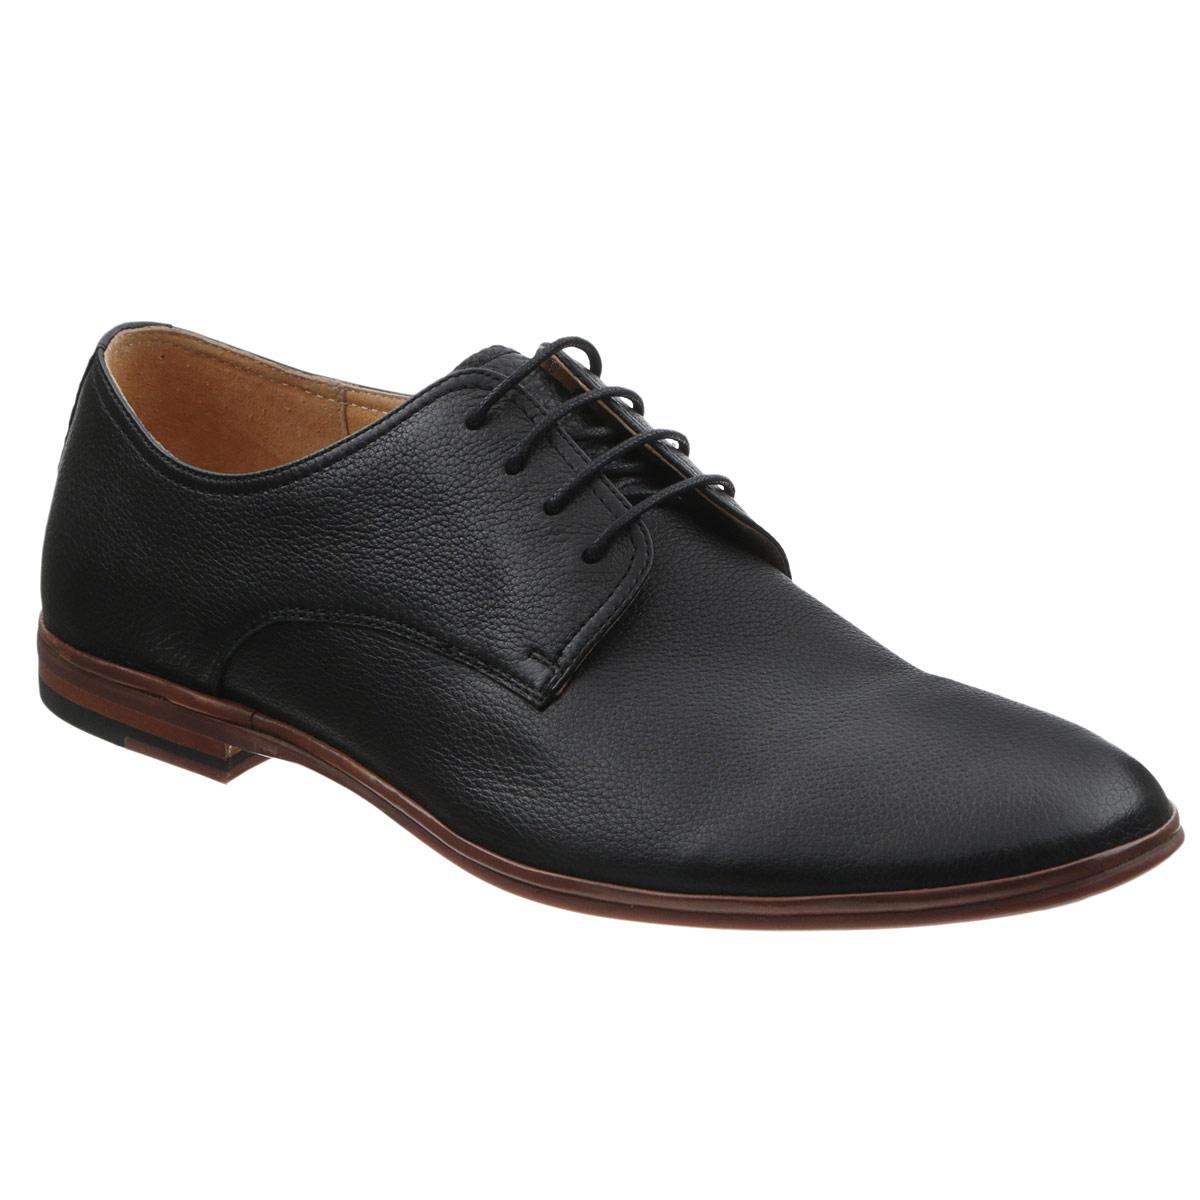 Туфли мужские. M171094M171094Изысканные мужские туфли Vitacci отлично дополнят ваш деловой образ. Модель выполнена из натуральной высококачественной кожи и декорирована задним наружным ремнем. Шнуровка надежно закрепит модель на ноге. Мягкая стелька и подкладка из натуральной кожи комфортны при движении. Низкий каблук и подошва стилизованы под дерево. Стильные туфли займут достойное место среди вашей коллекции обуви.